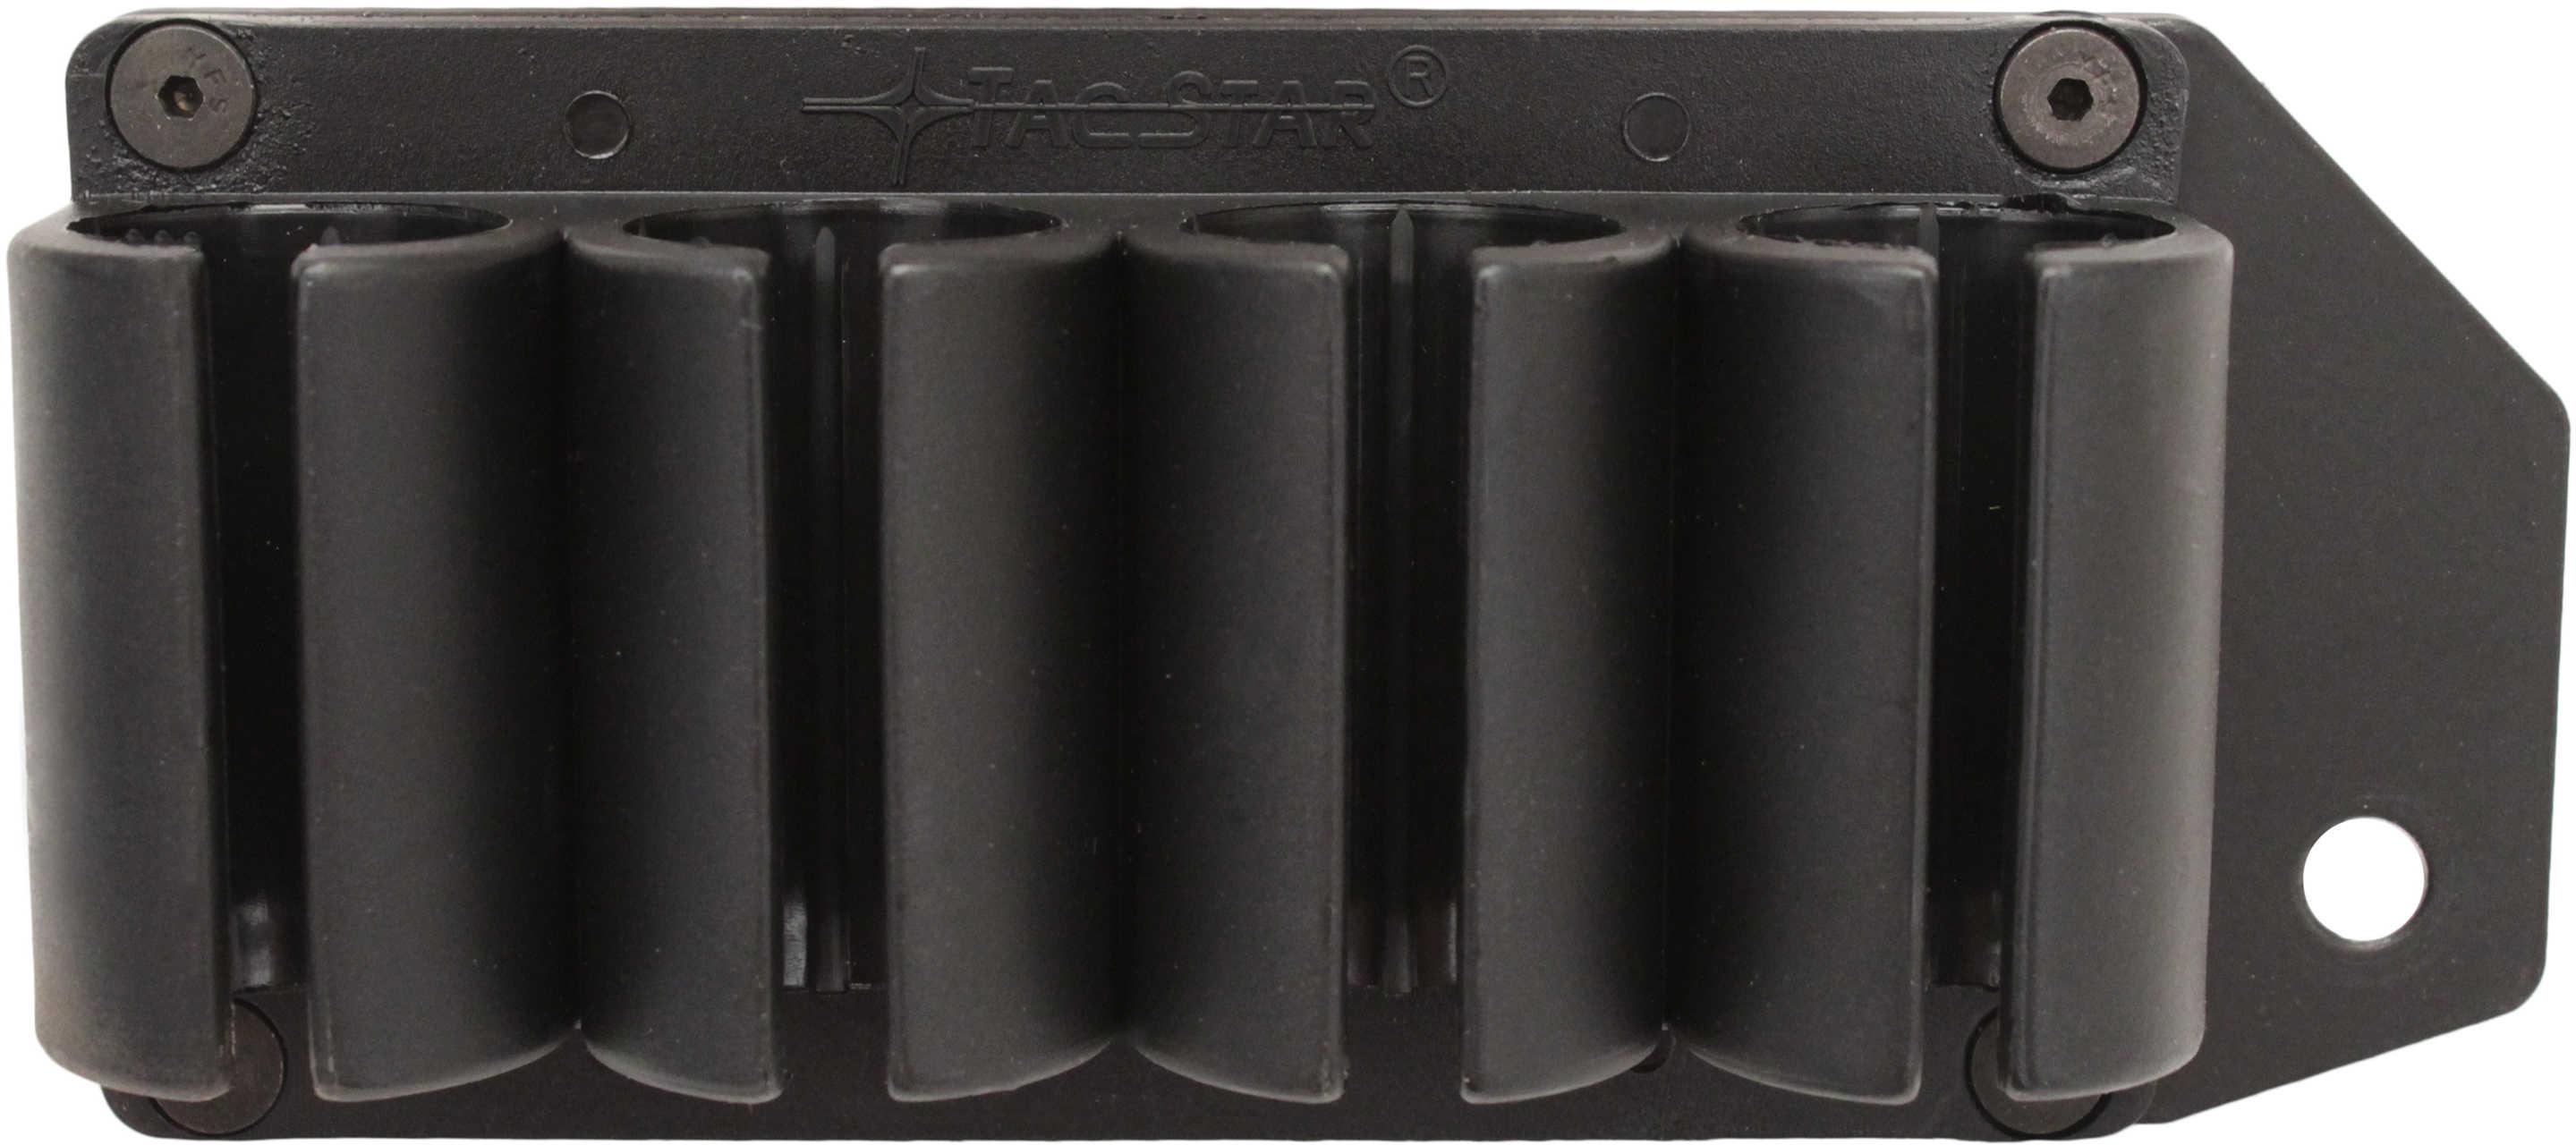 TacStar Industries Hunter Side Saddle 4-Shot 20 Gauge Remington 870/1100/1187 1081130